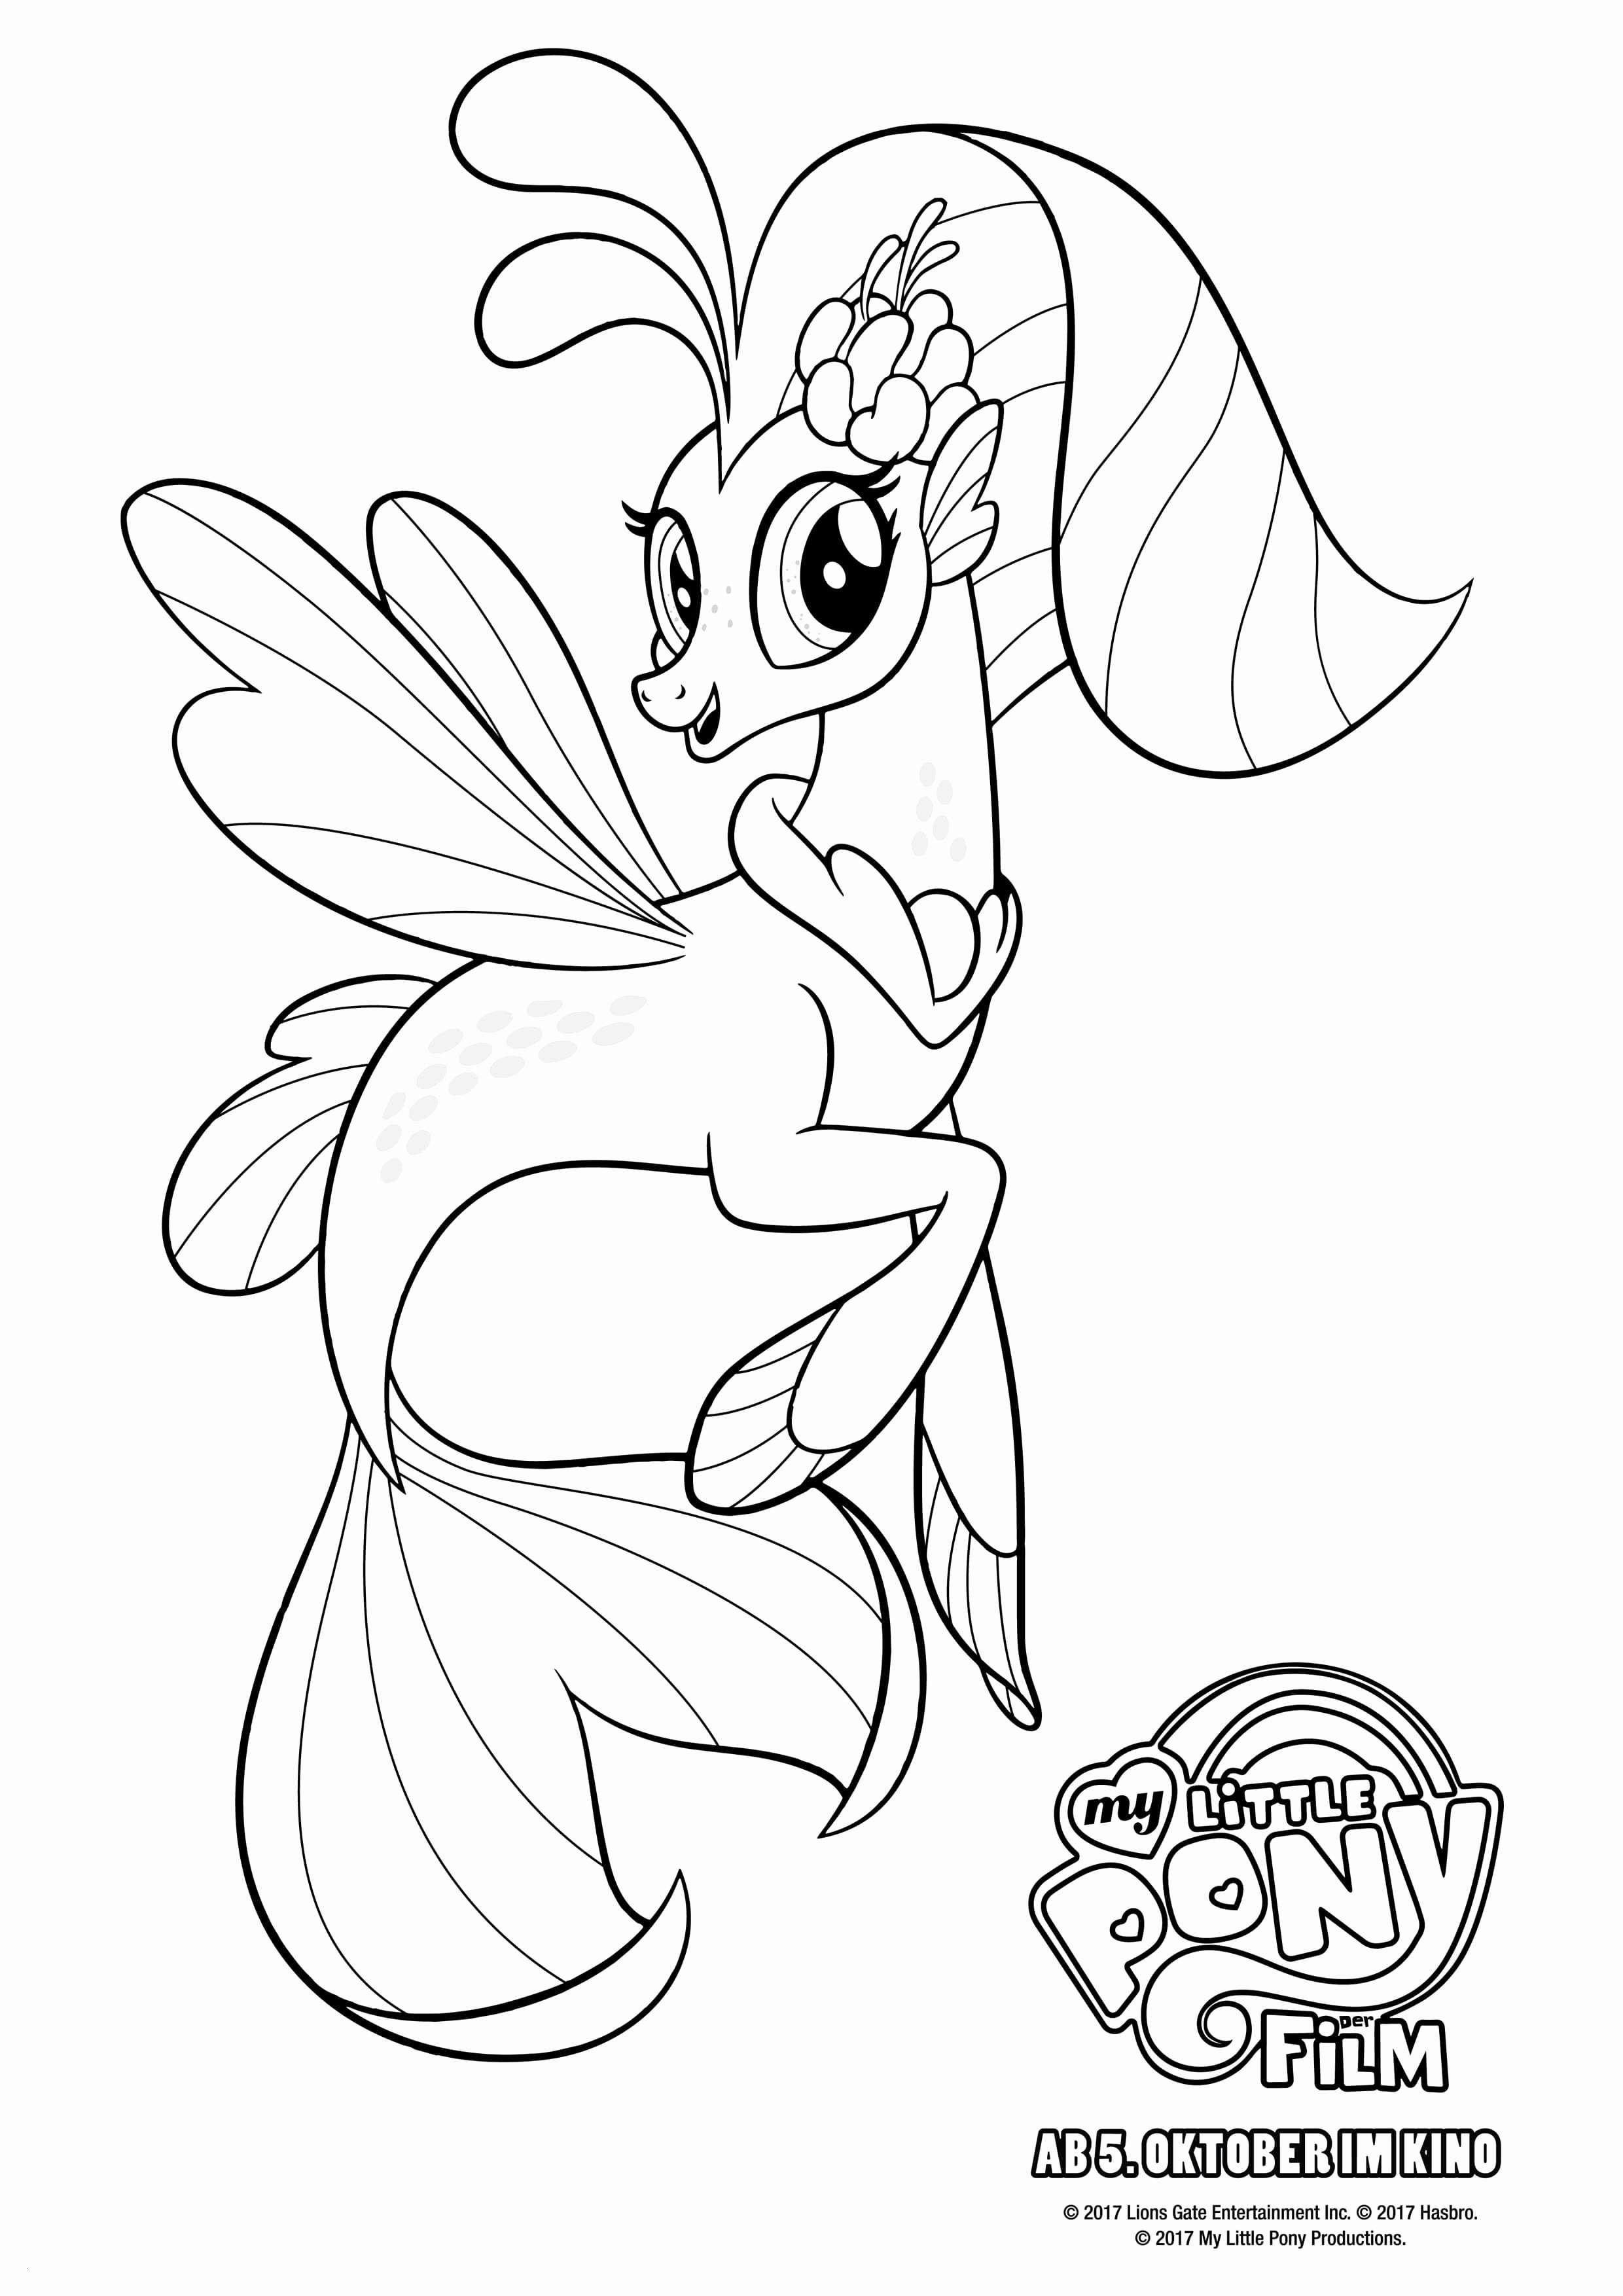 Fliegender Papagei Malvorlage Frisch My Little Pony Princess Celestia Download 54 Genial Bilder Sammlung